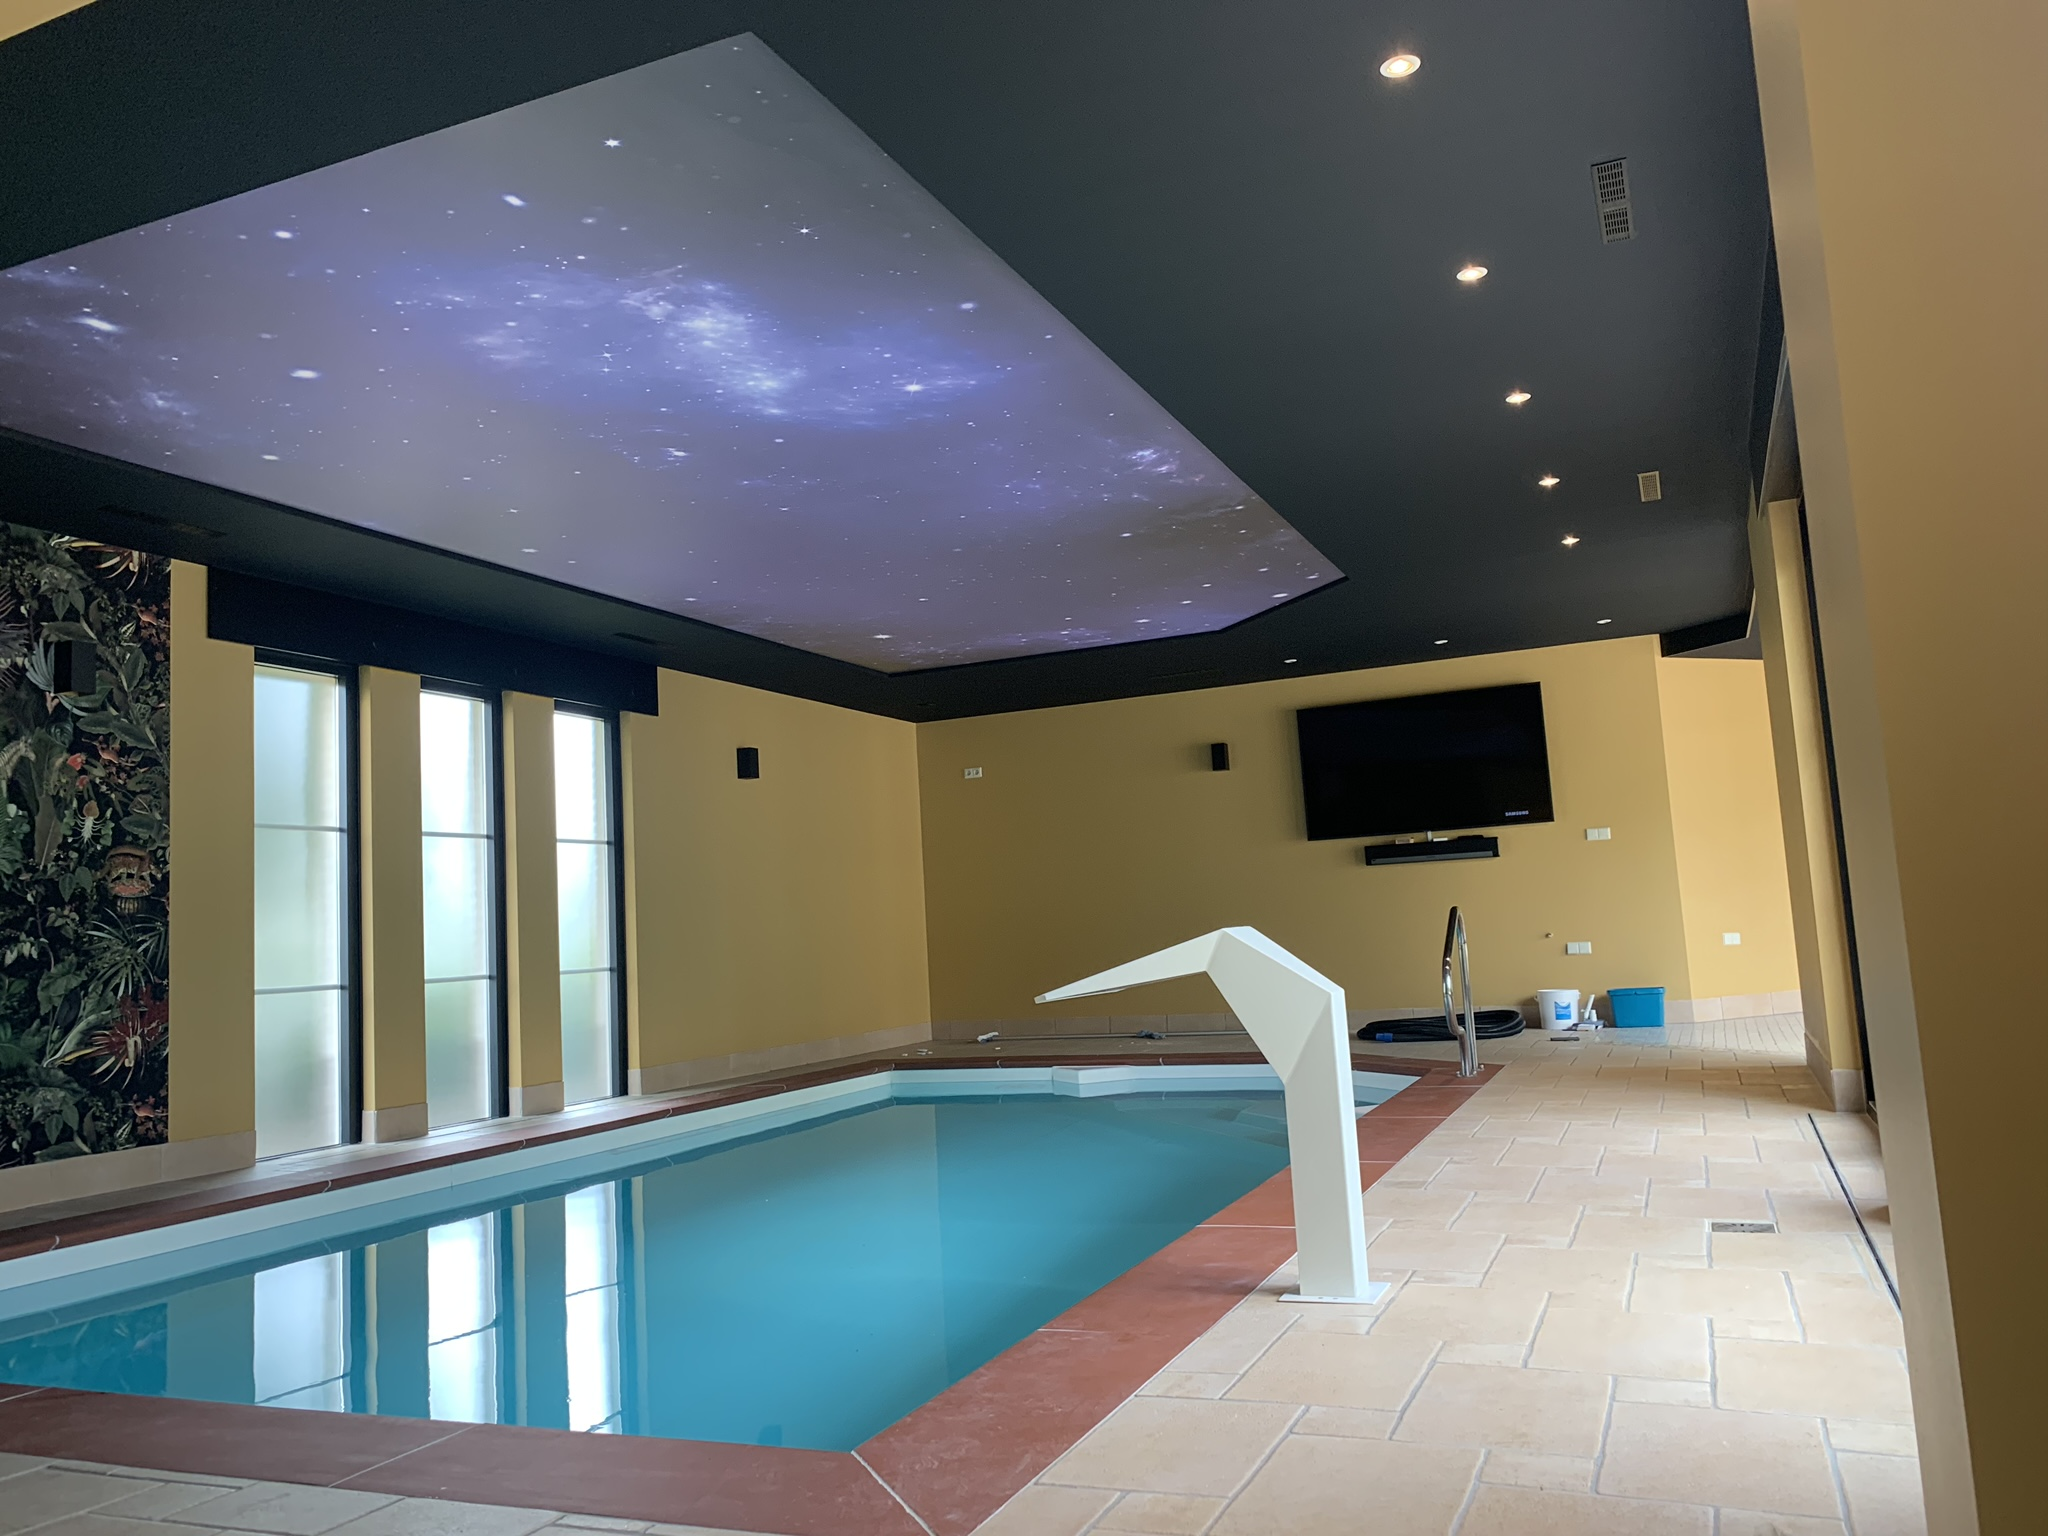 spanplafond boven een zwembad met het heelal